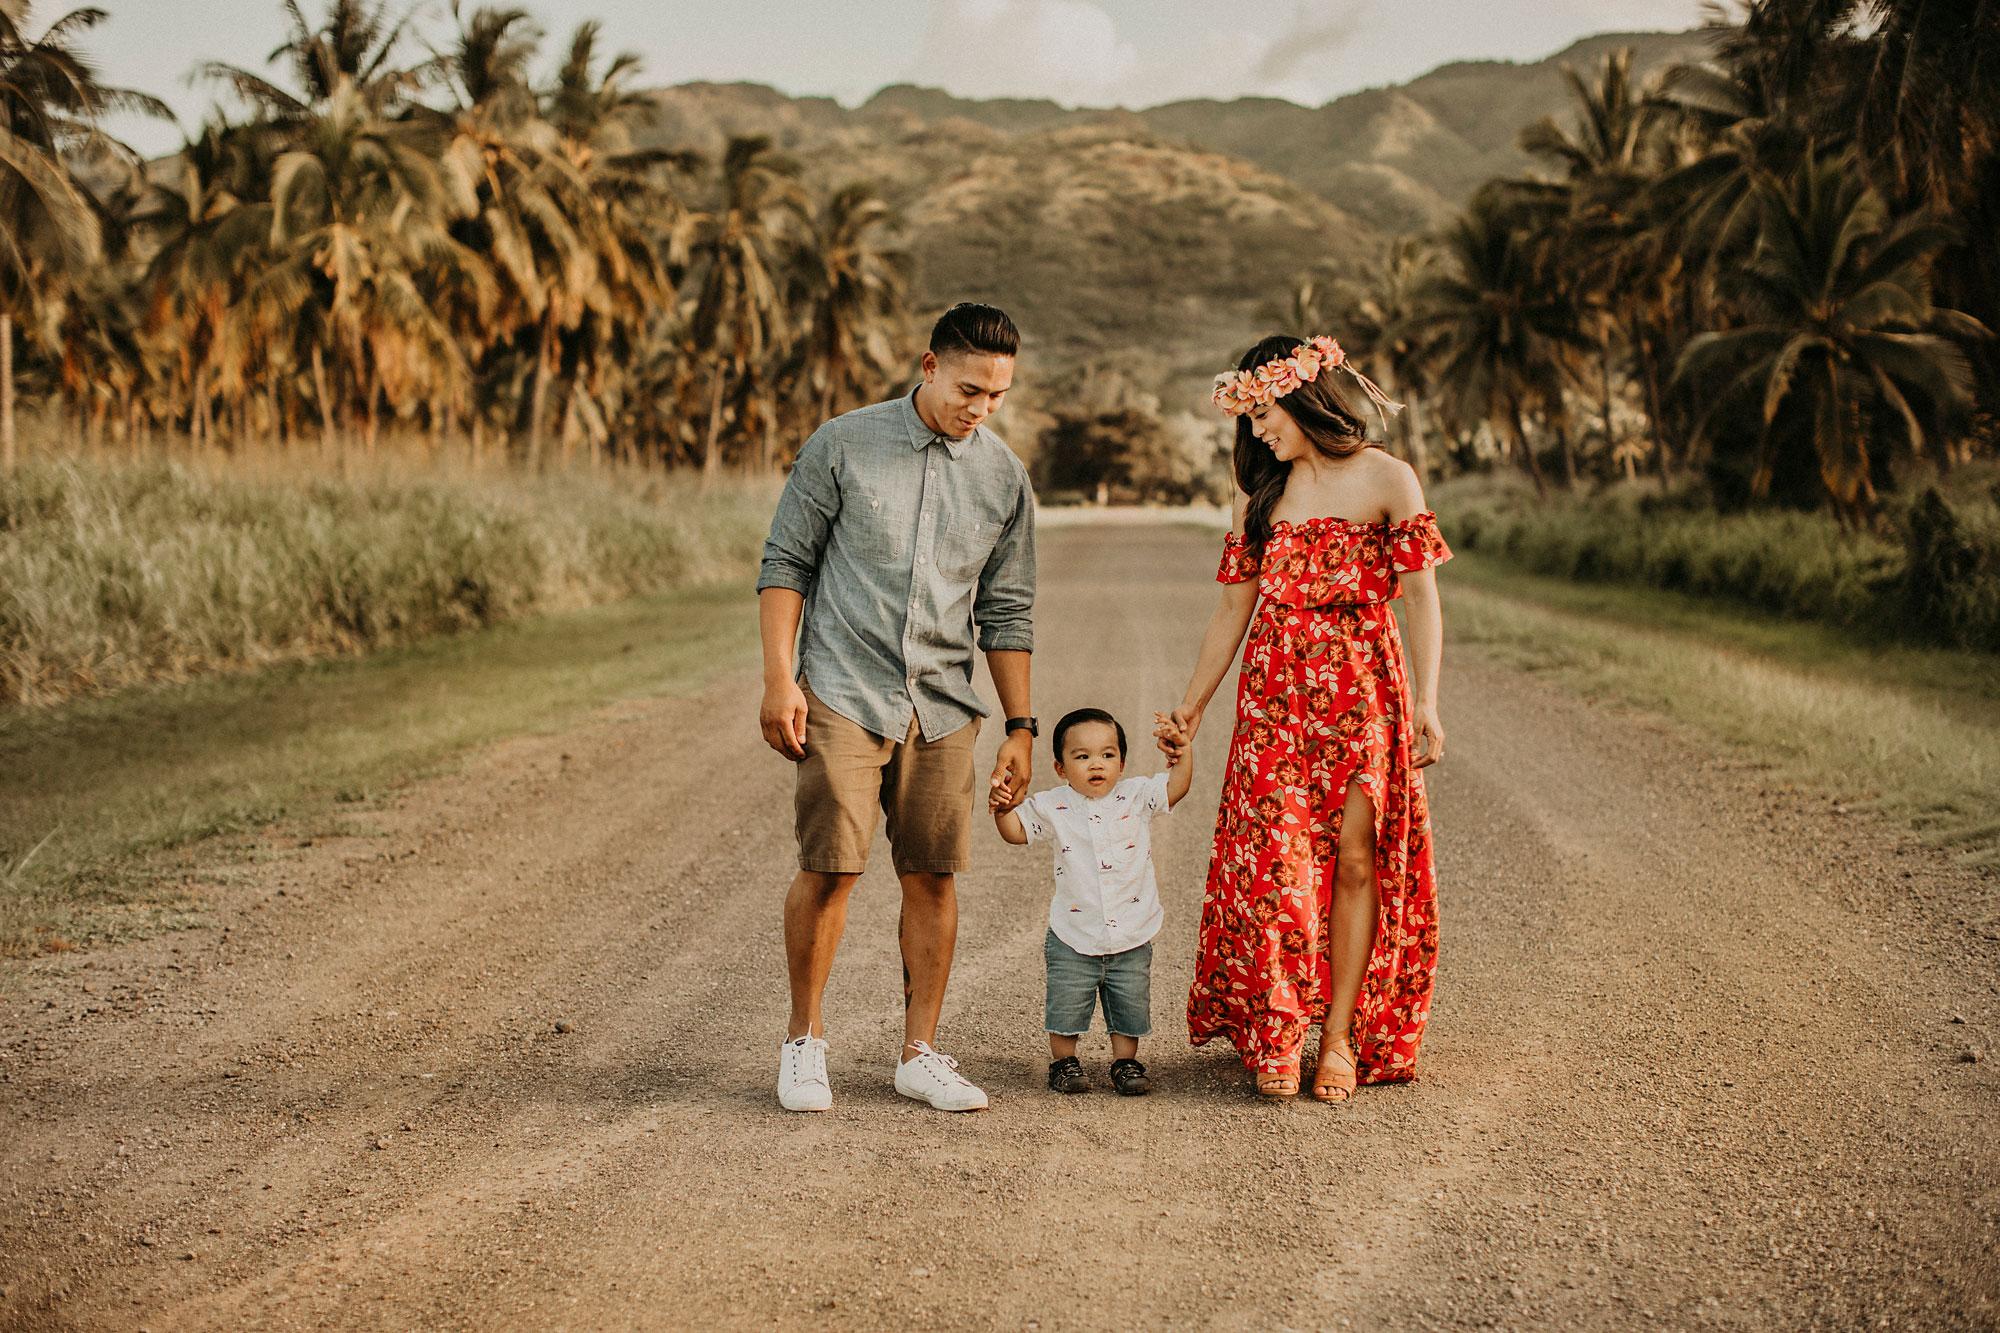 palm-tree-jungle-oahu-family-photographer-09.jpg